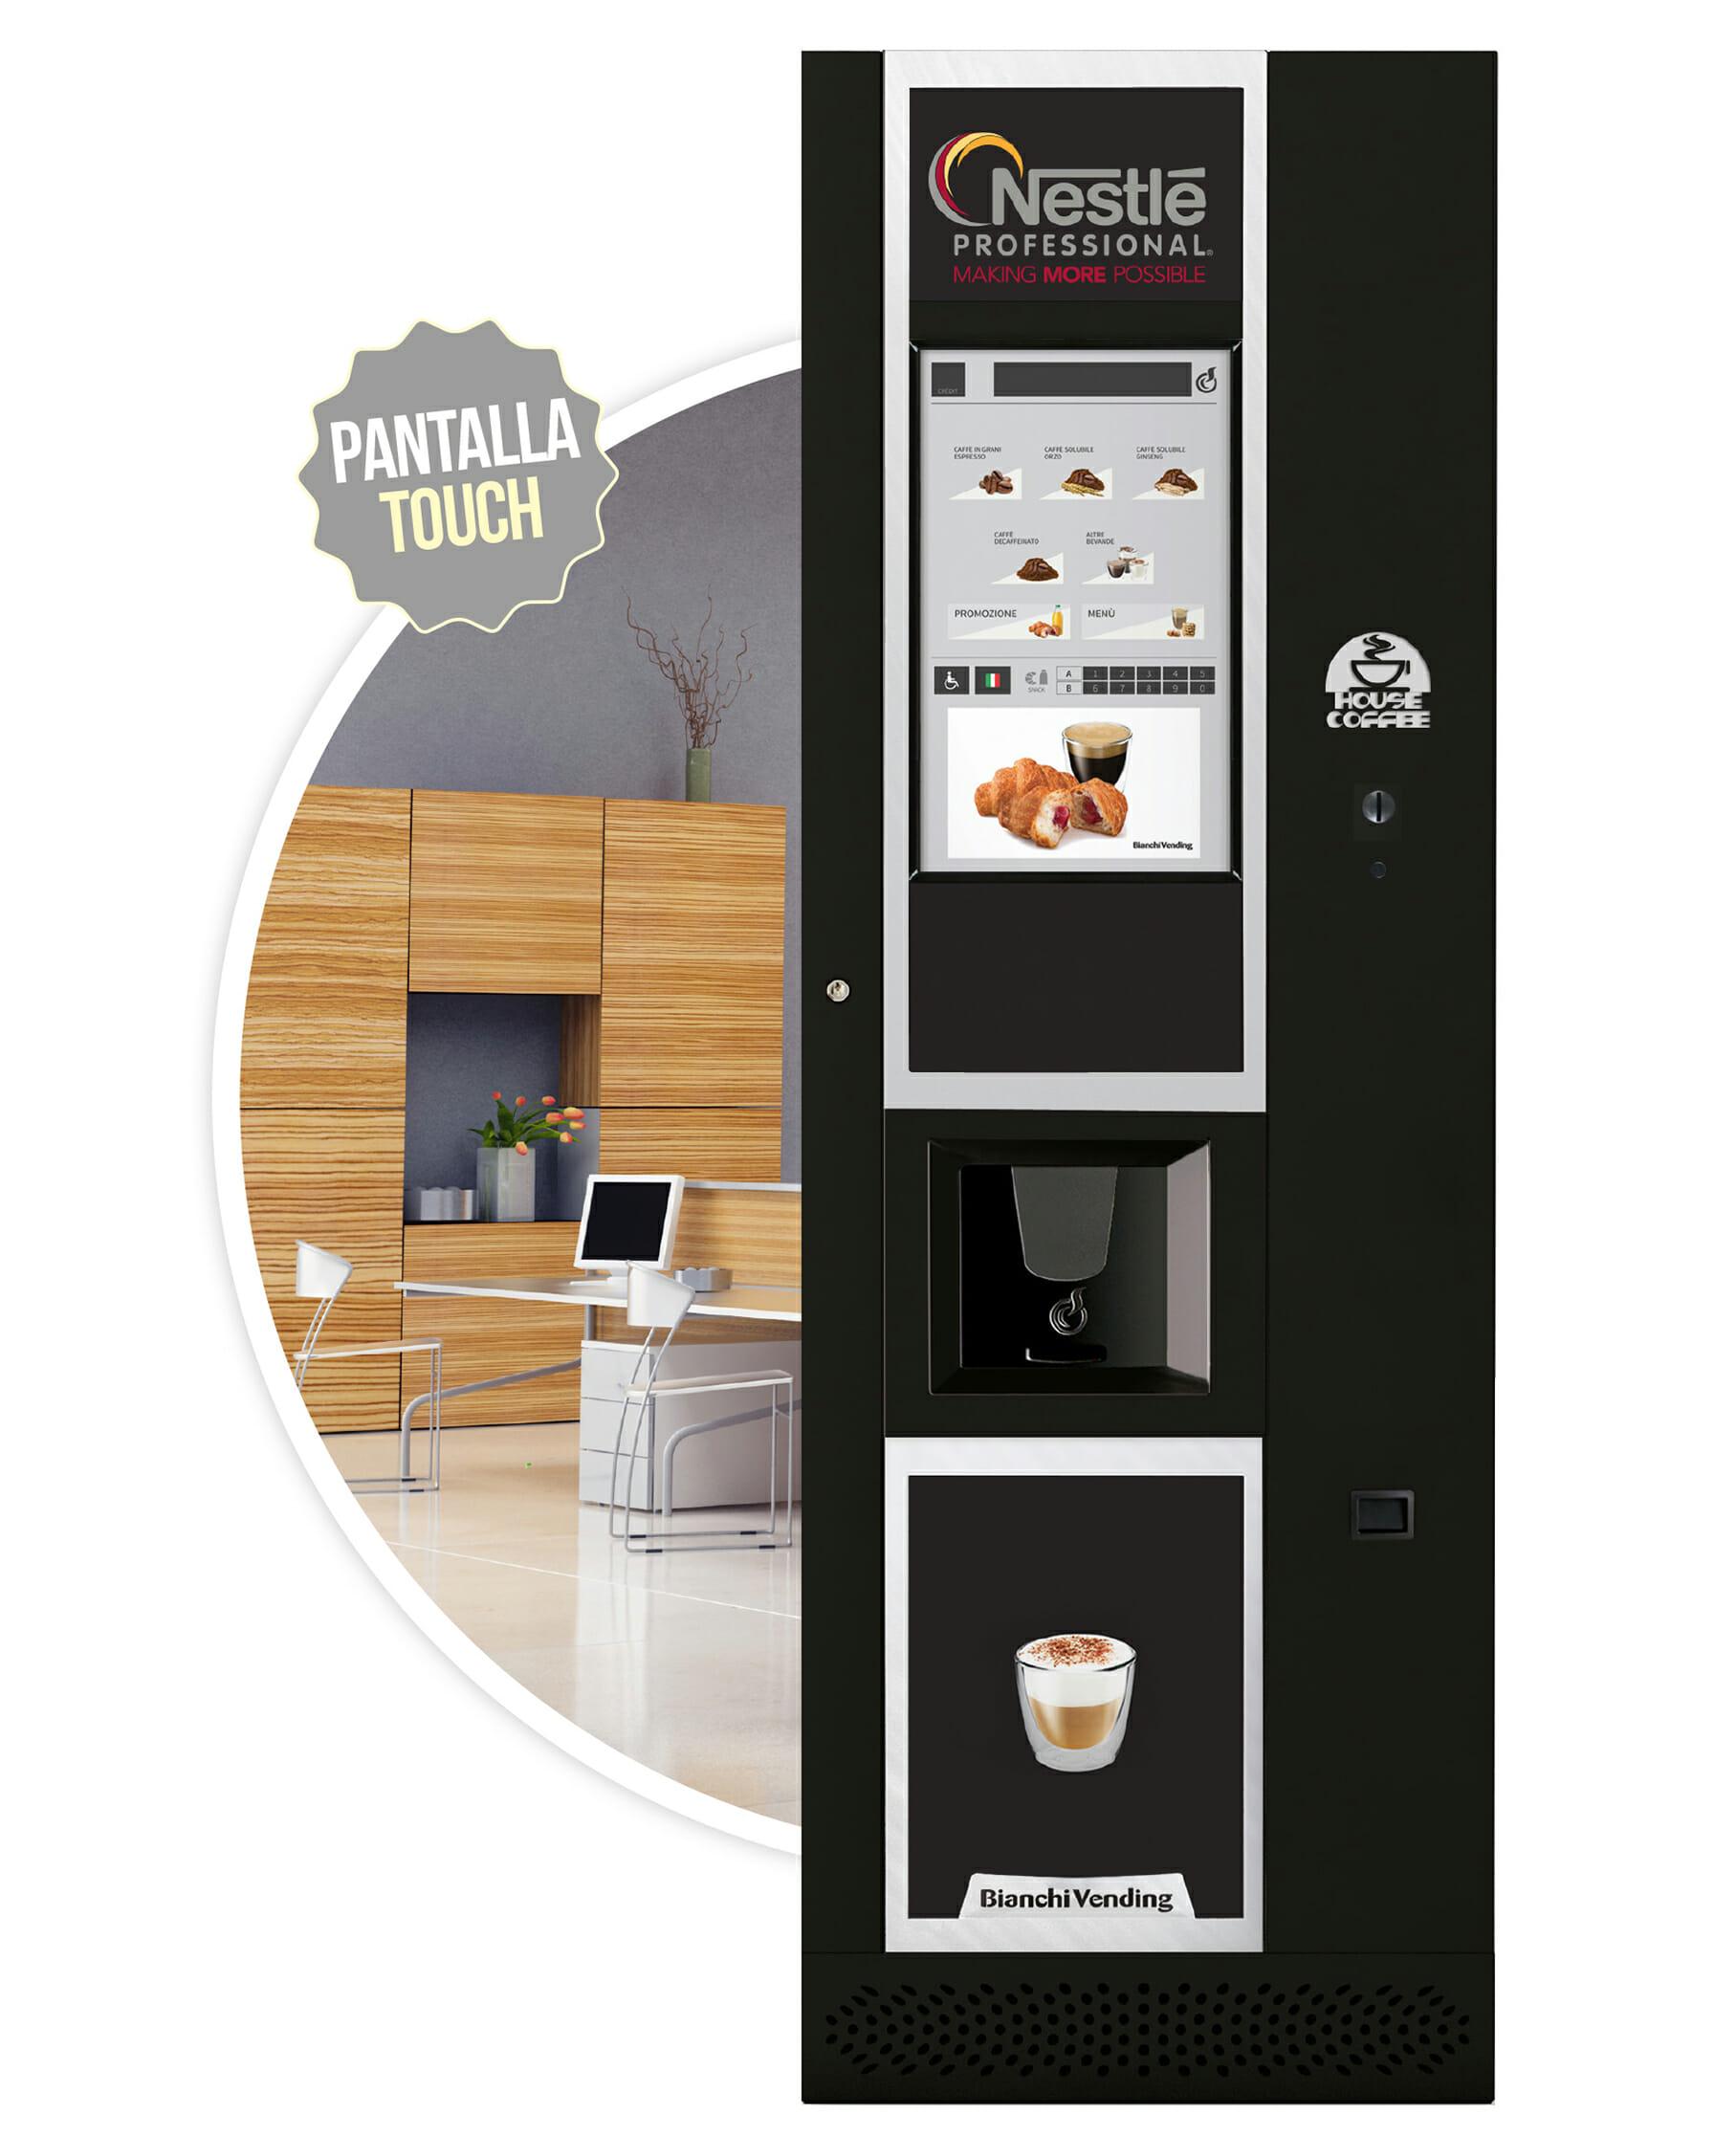 Imagen de la cafetera Verso XL. Maquinas de cafe para empresas.